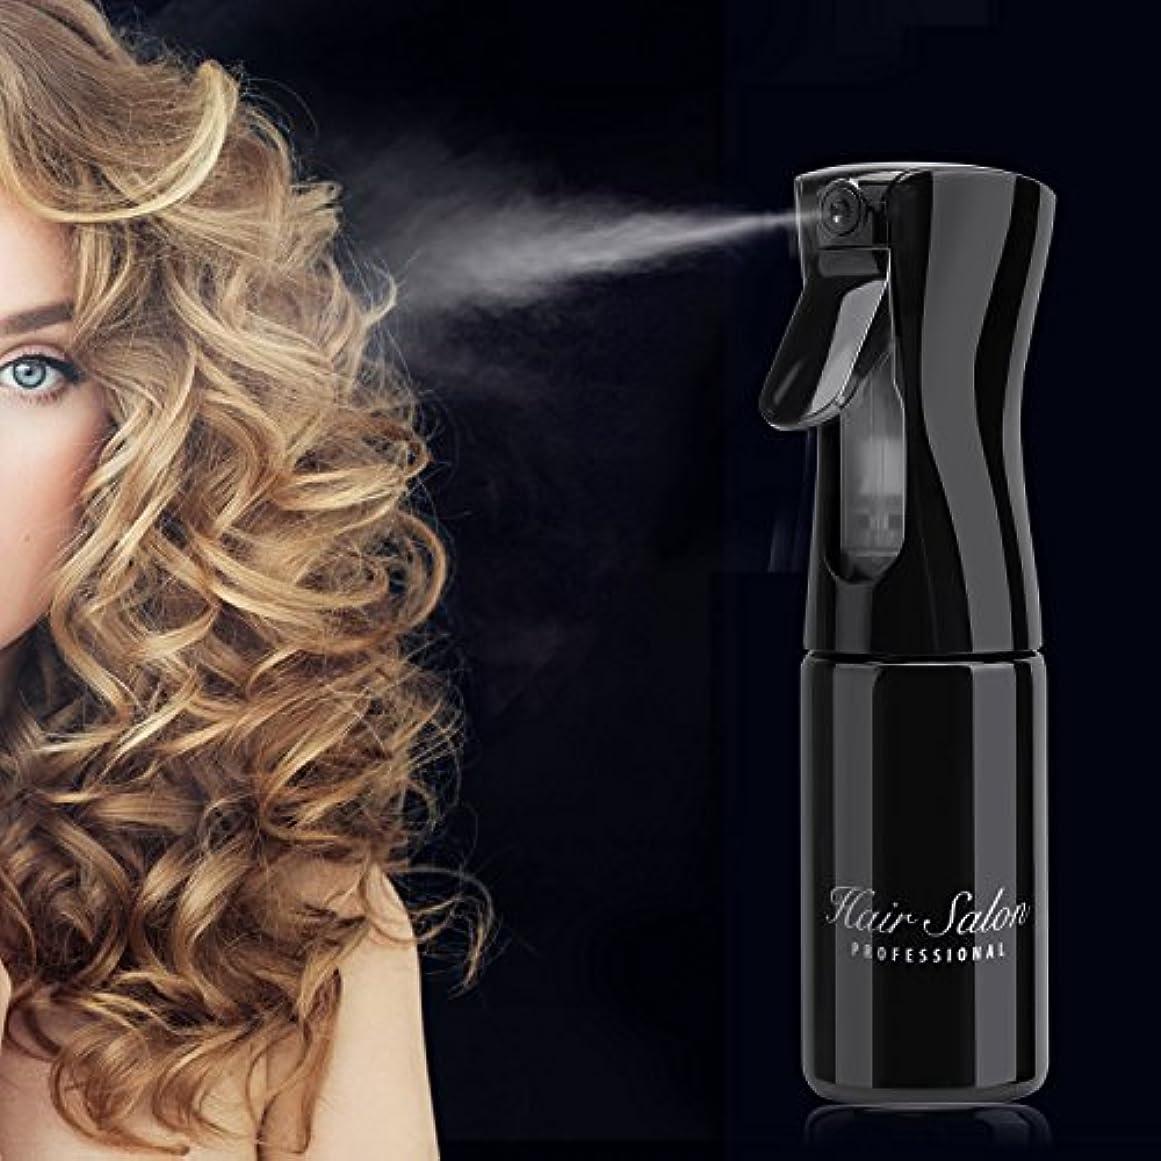 科学者影響を受けやすいです限りなく160ml ヘアスプレーボトル、美容師のための超微細連続ミストスプレーヤスタイリスト、エアレスエアロゾル水ミスターの泡植物のためのボトルミストメーカーペットホームクリーニング (ブラック)